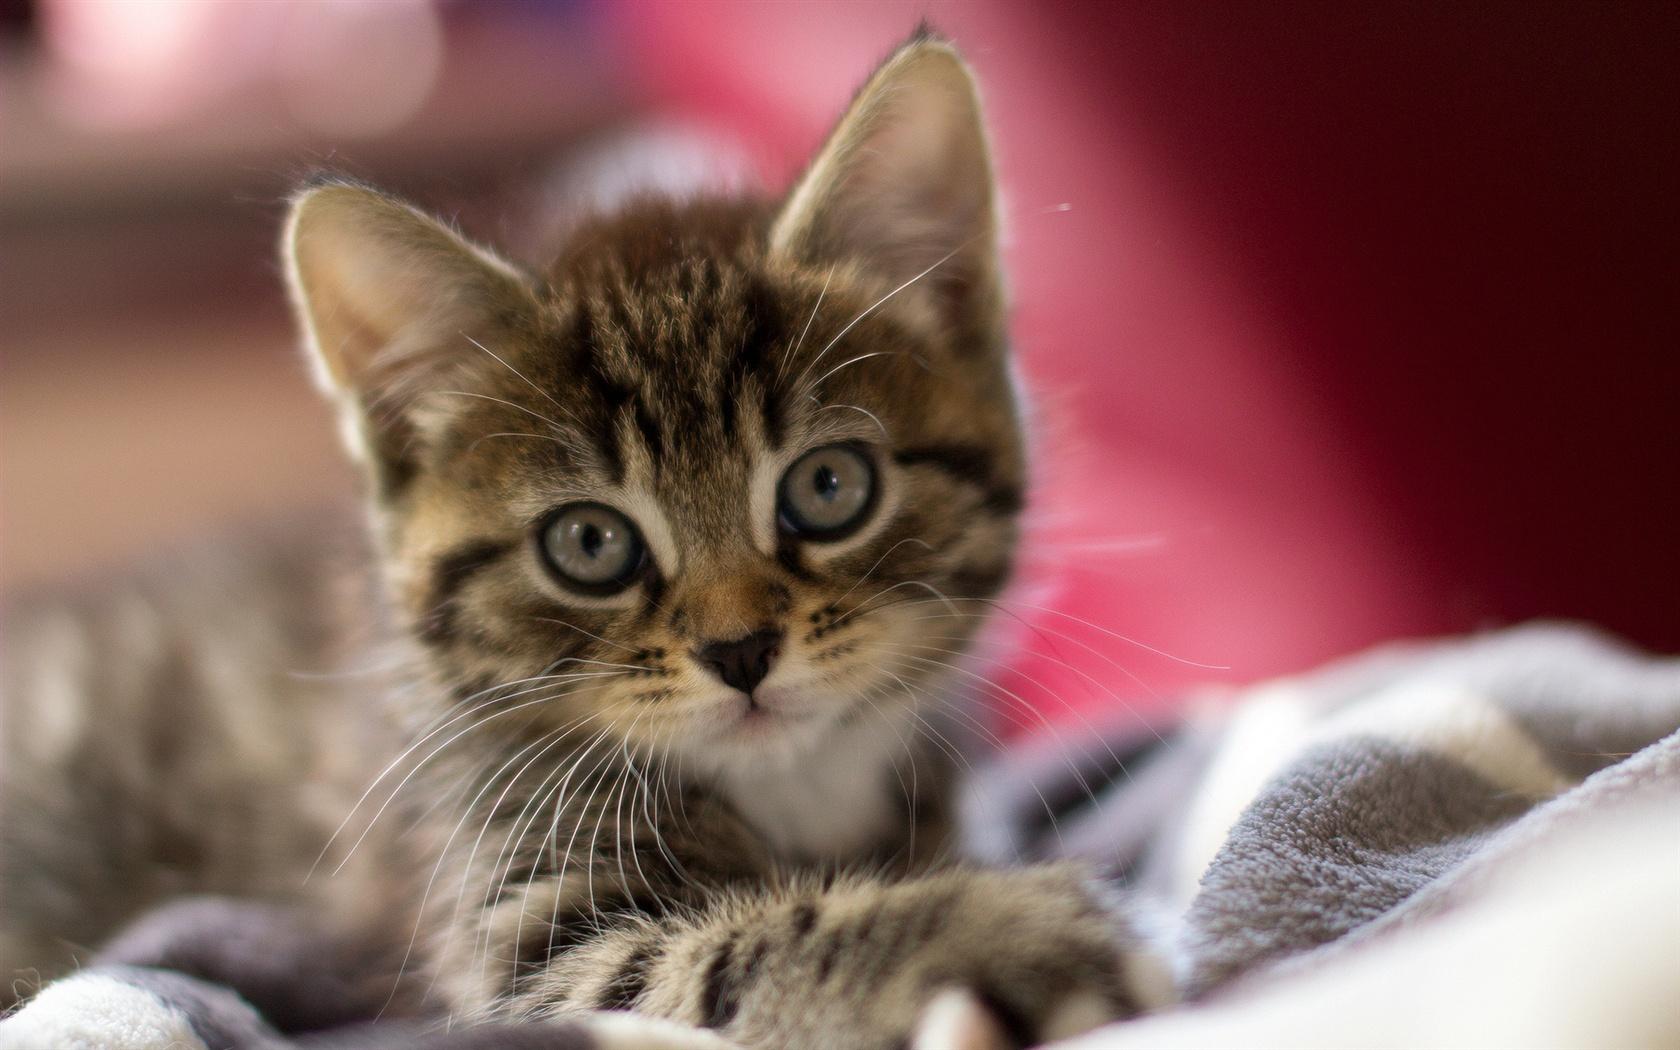 Kitten Close-Up Photo